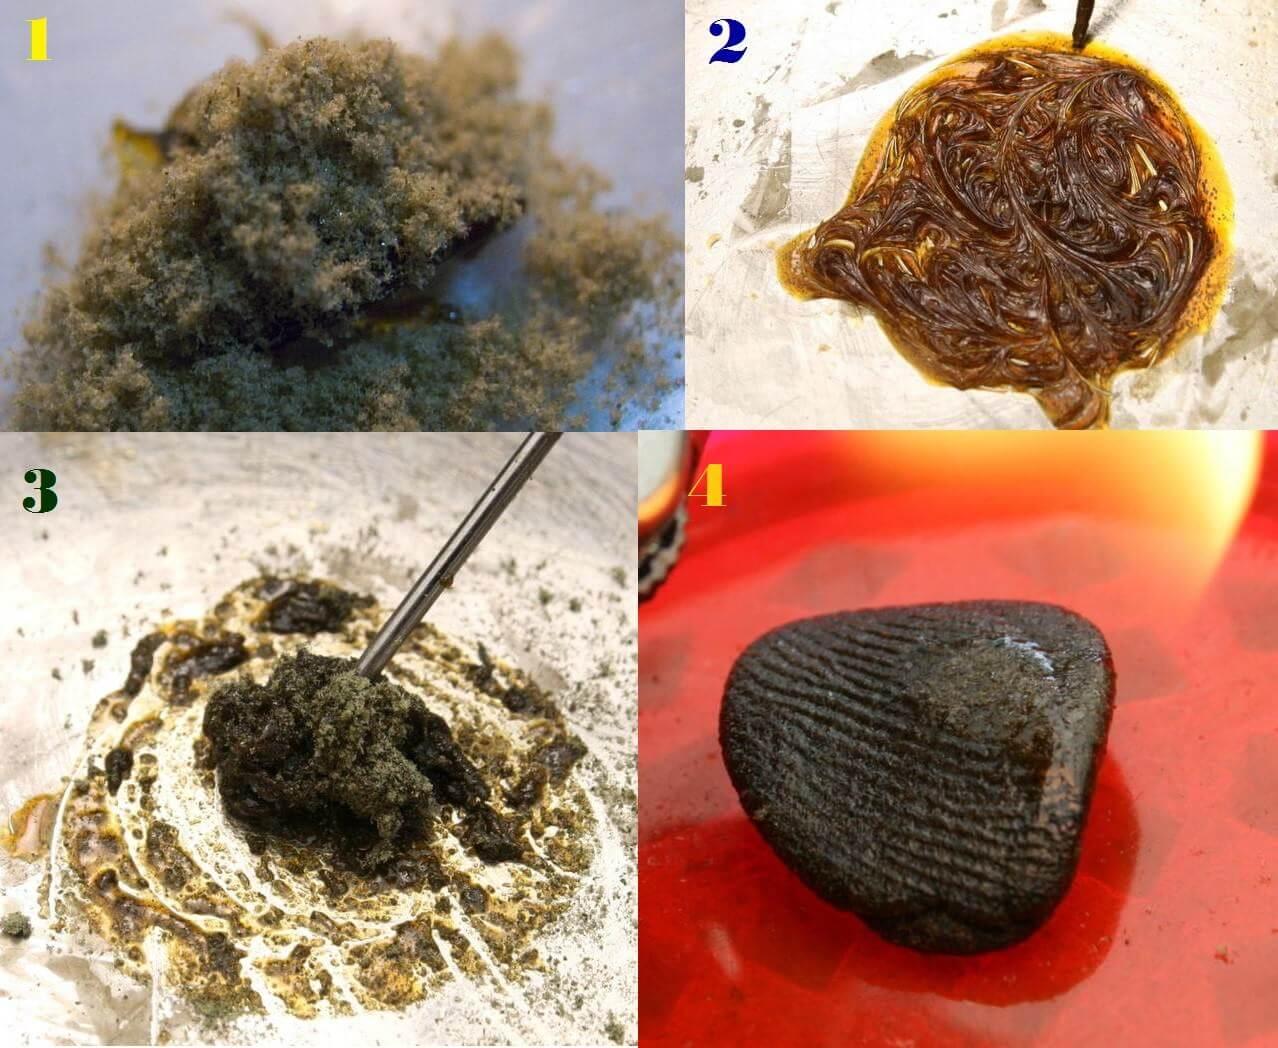 Extracciones y concentrados de marihuana